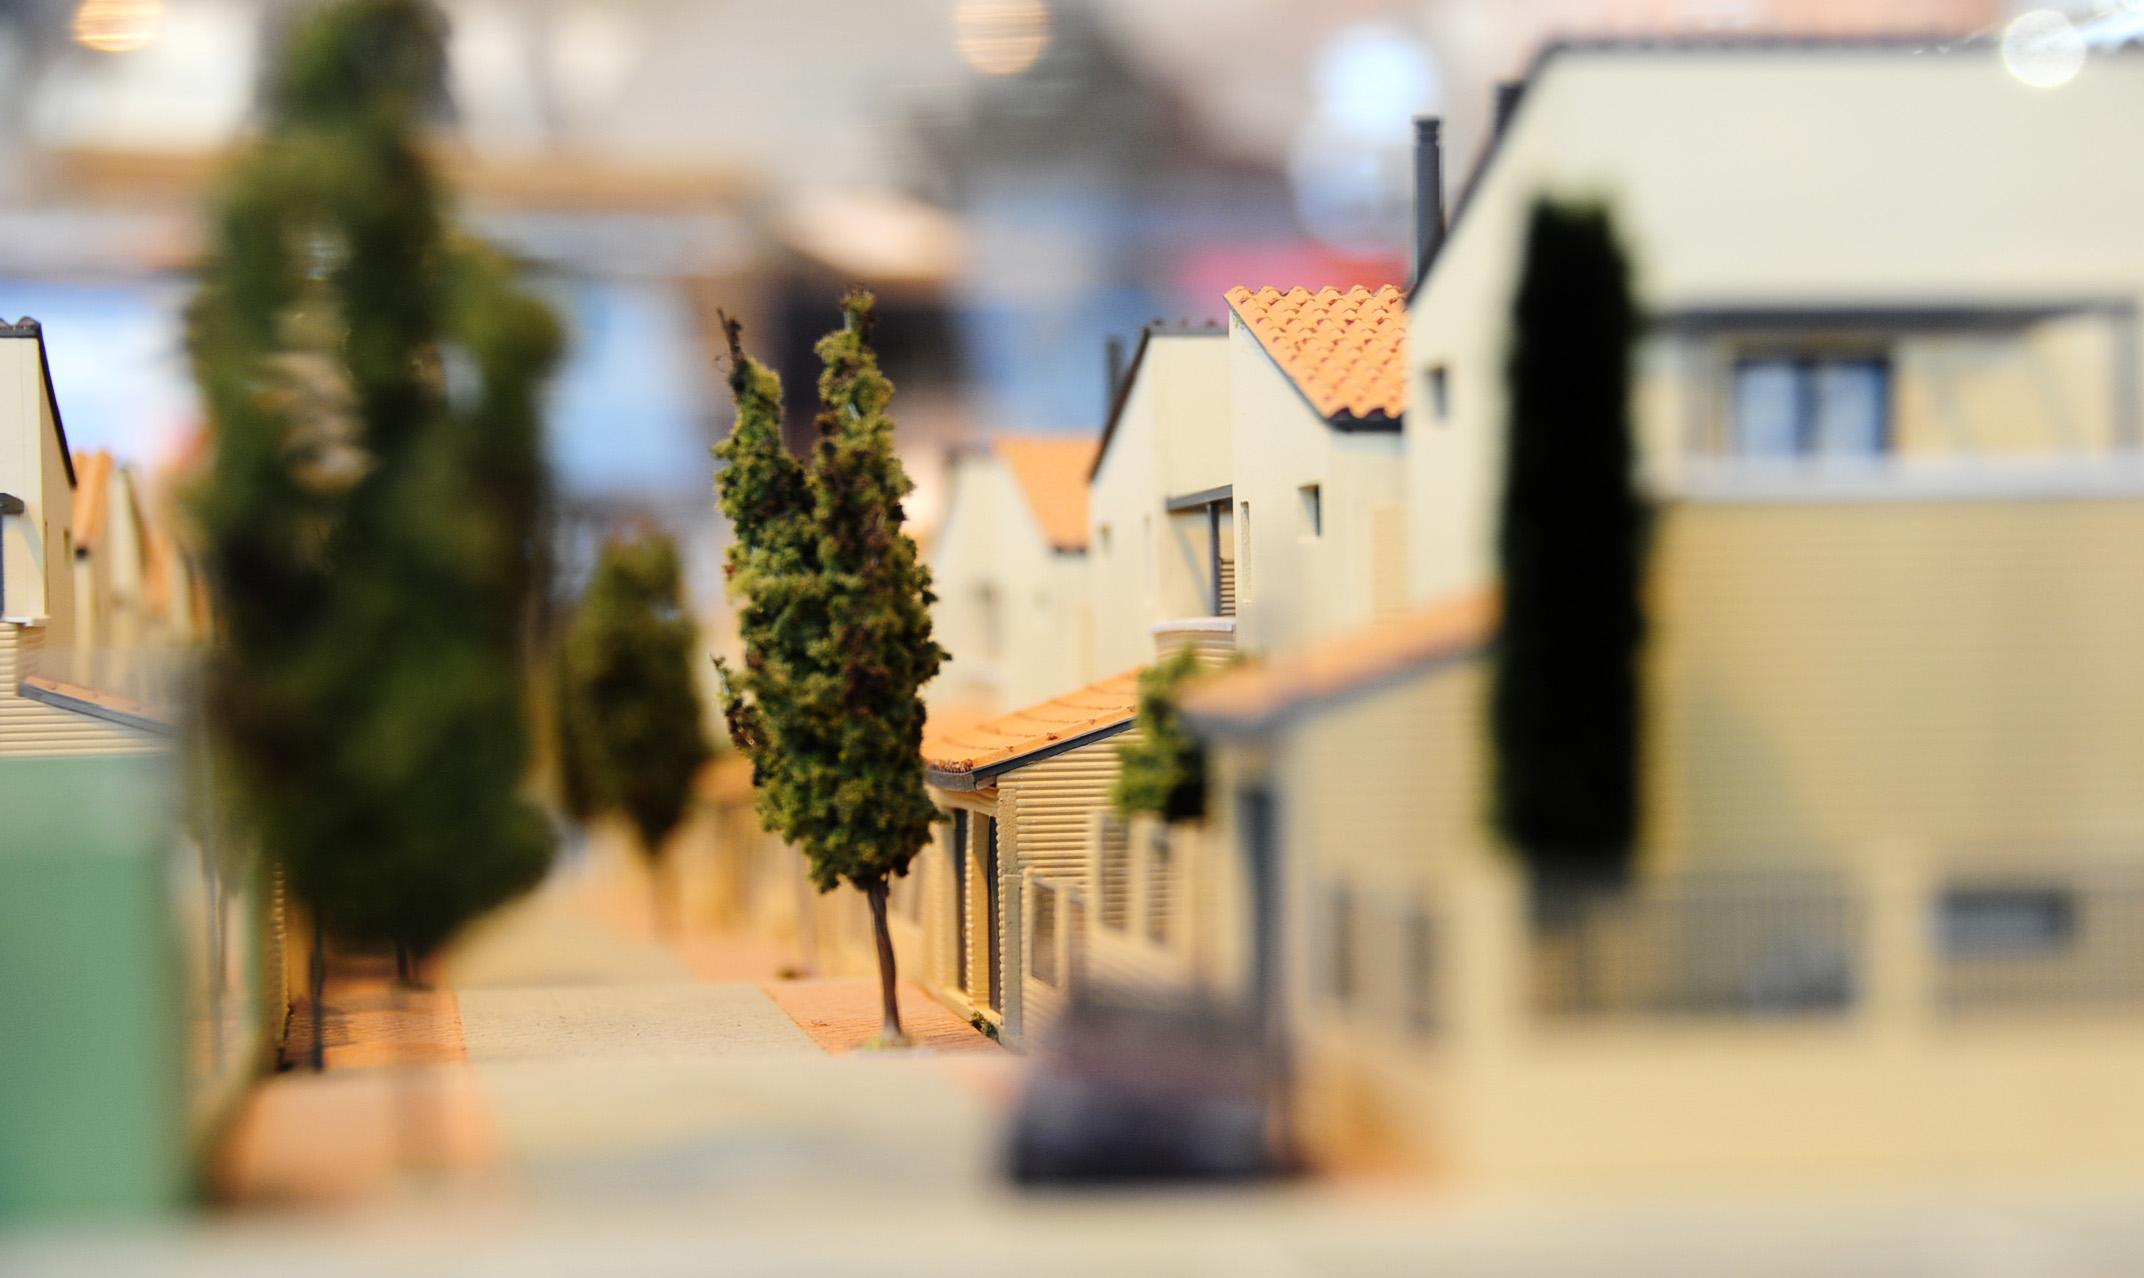 número de casas penhoradas pela banca aumentou 74% face ao ano passado